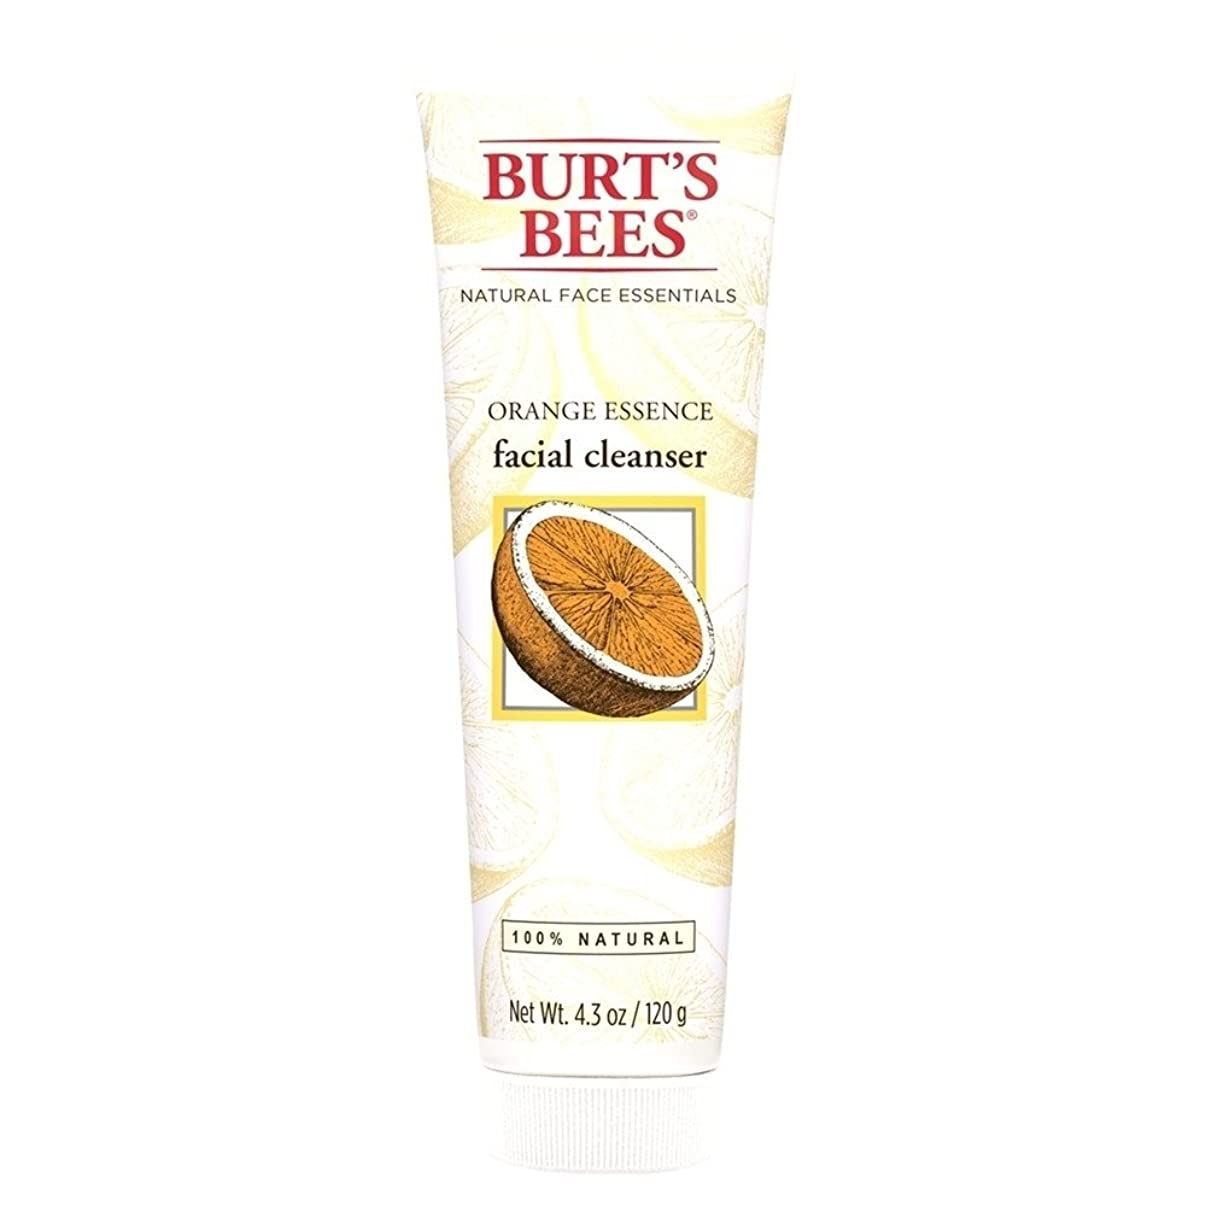 汚すグリーンバック姓バーツビーオレンジエッセンス洗顔料、125グラム (Burt's Bees) - Burt's Bees Orange Essence Facial Cleanser, 125g [並行輸入品]